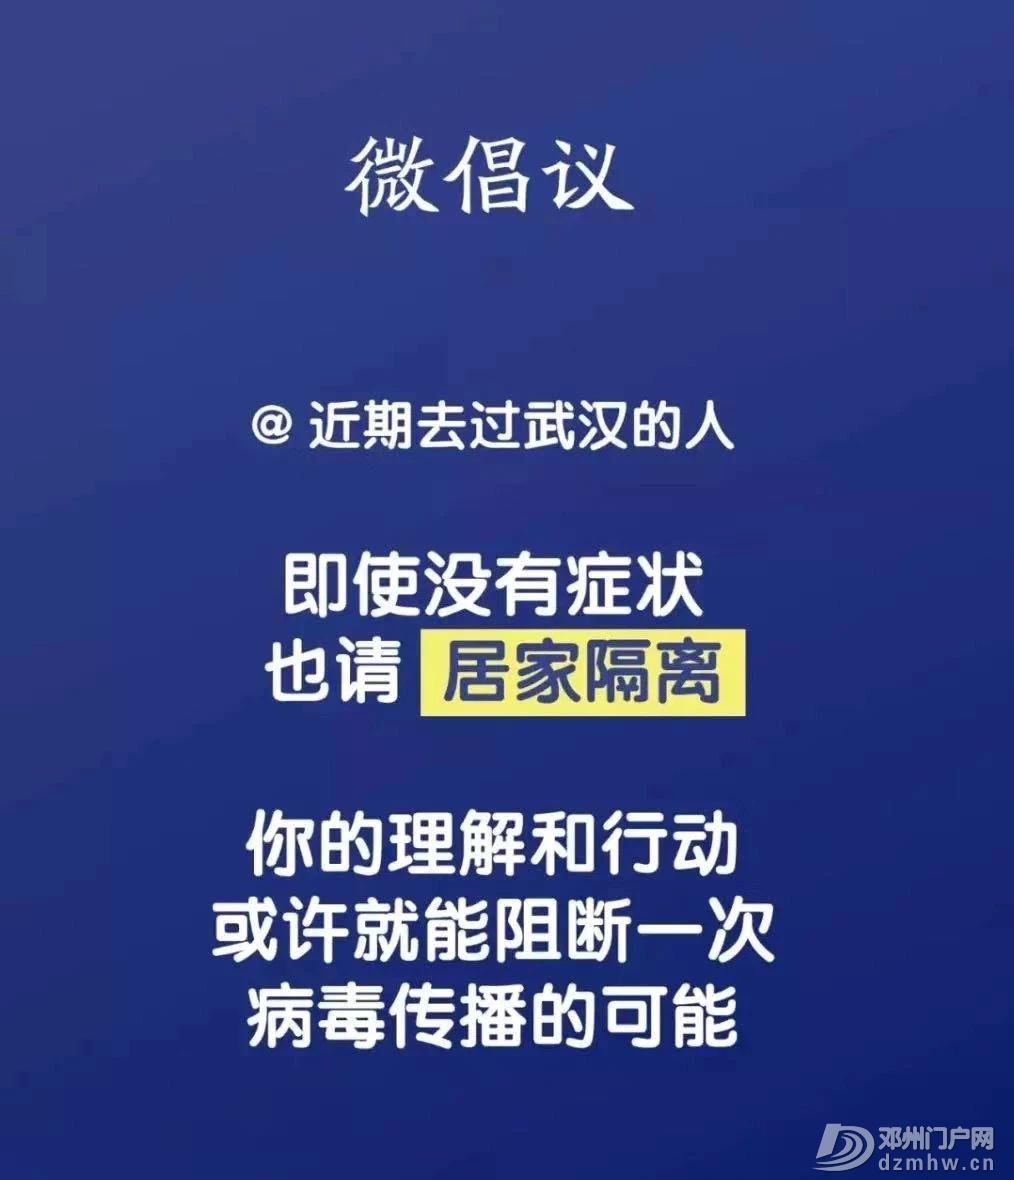 南阳确诊15例,死亡1例;南阳高速和普通公路实行交通管制的通告 - 邓州门户网 邓州网 - 5d4bf20dfd6be40243f5c8f701ca7842.jpg